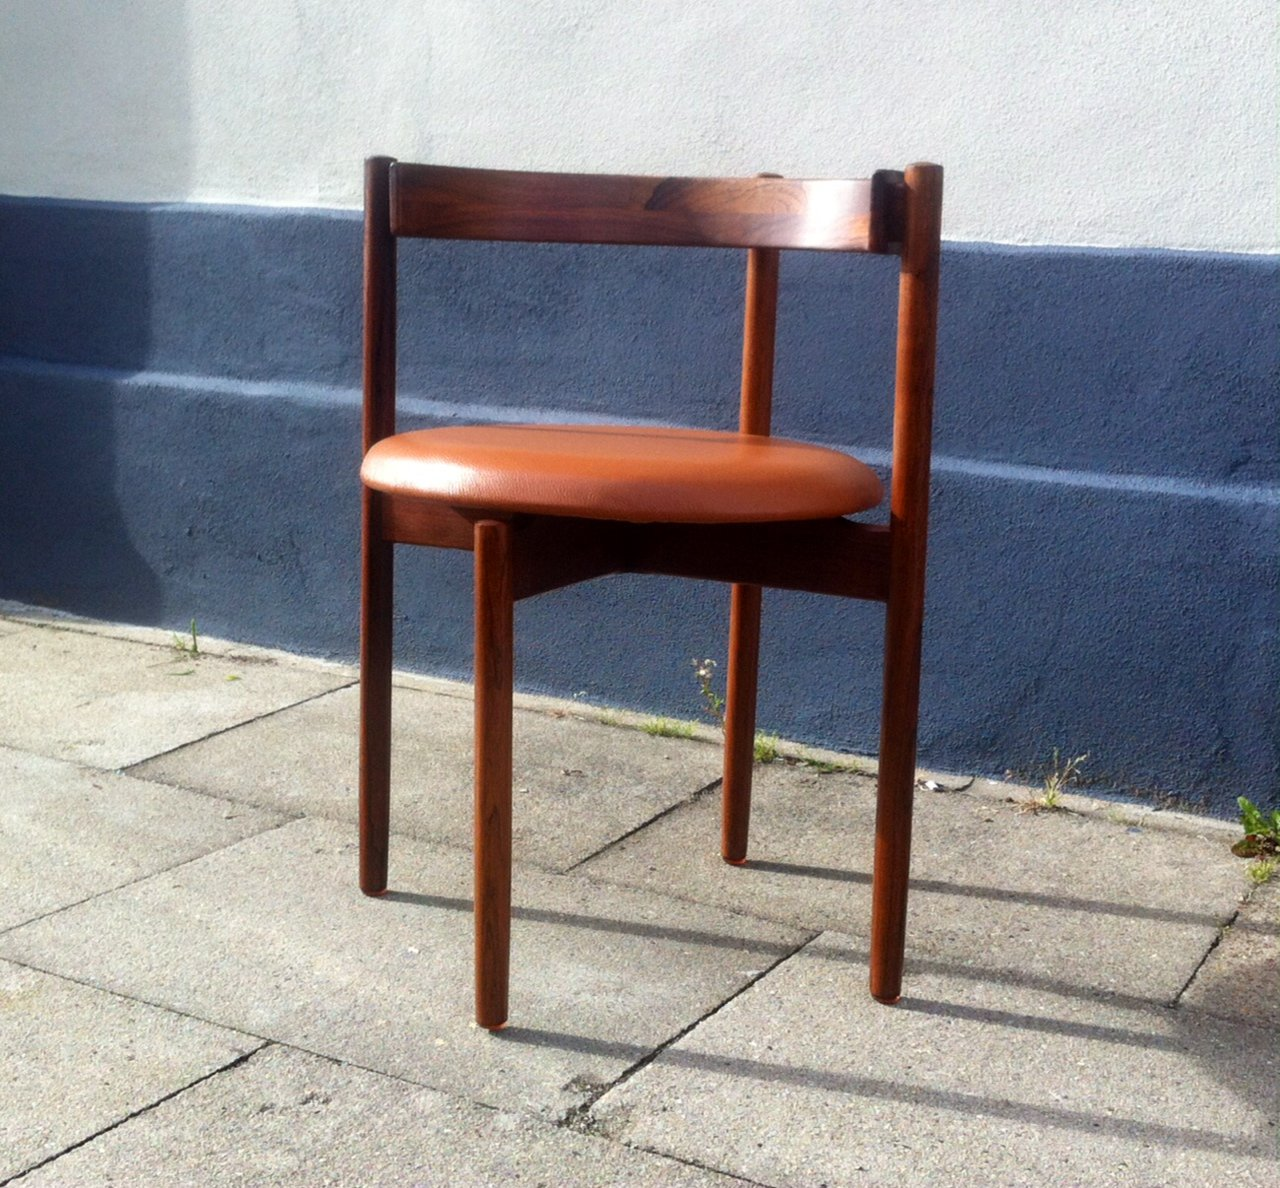 Danish Rosewood U0026 Tan Leather Armchair By Hugo Frandsen For Børge M.  Søndergaard, 1960s